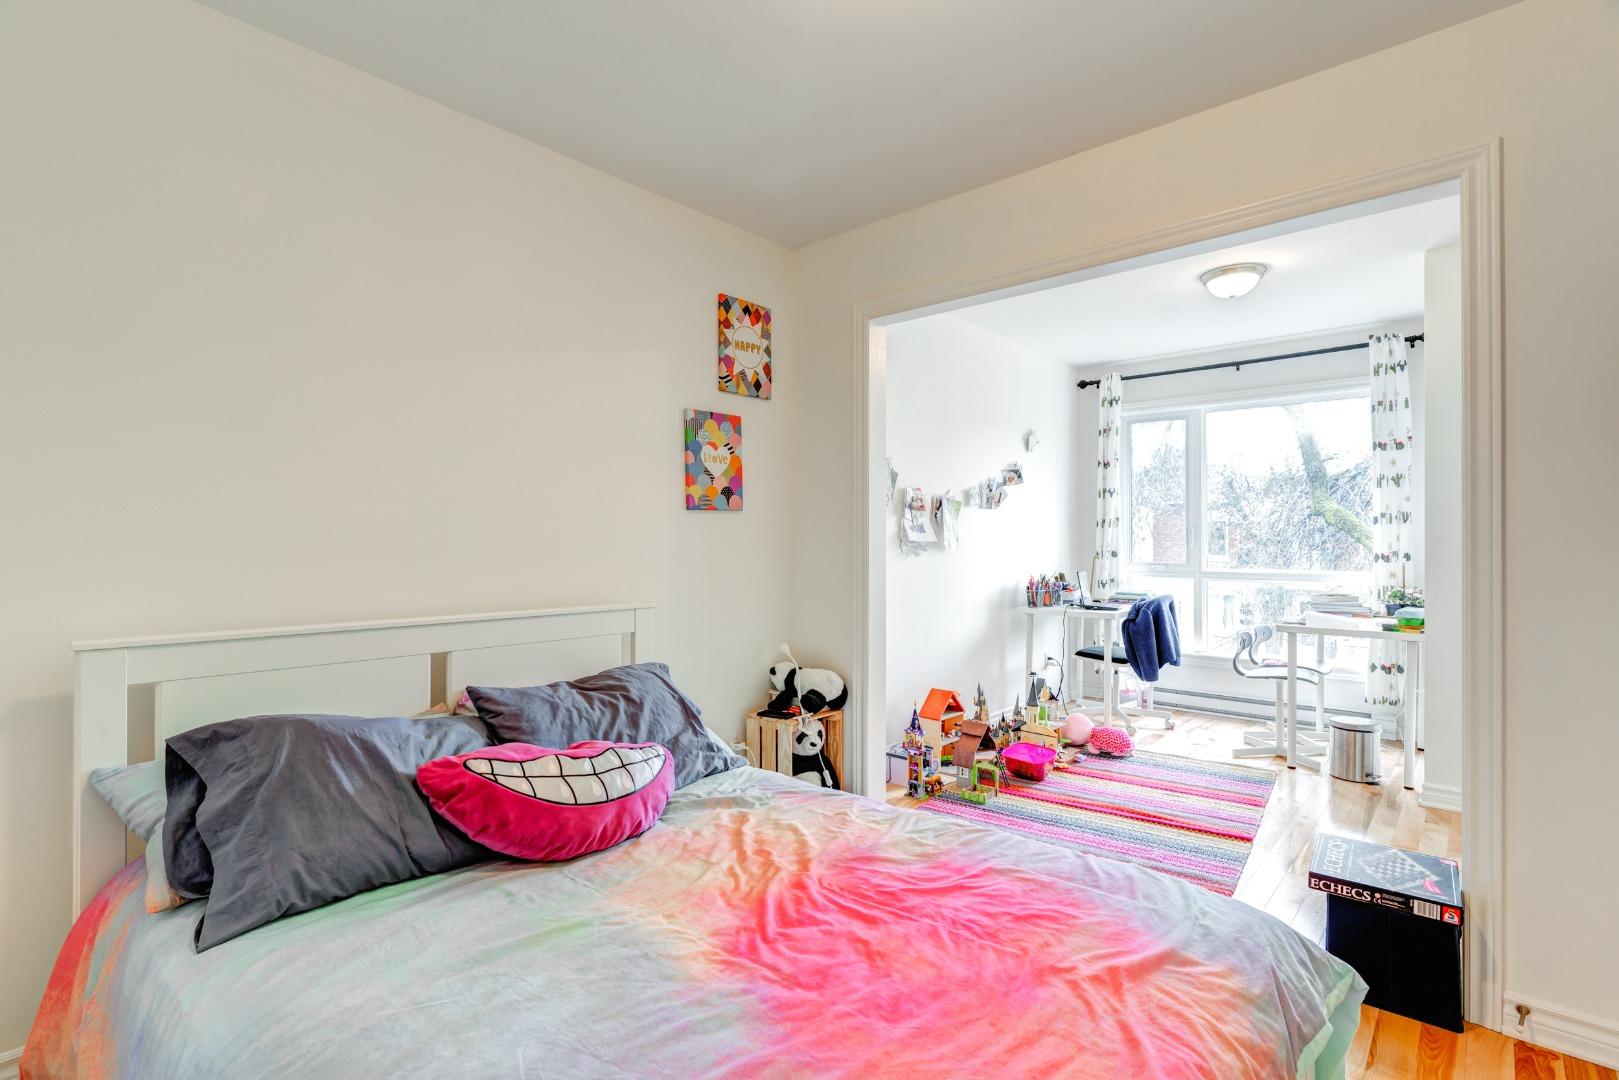 immophoto_-_Appartement_-_7074_de_Lorimier_-_es-12.jpg